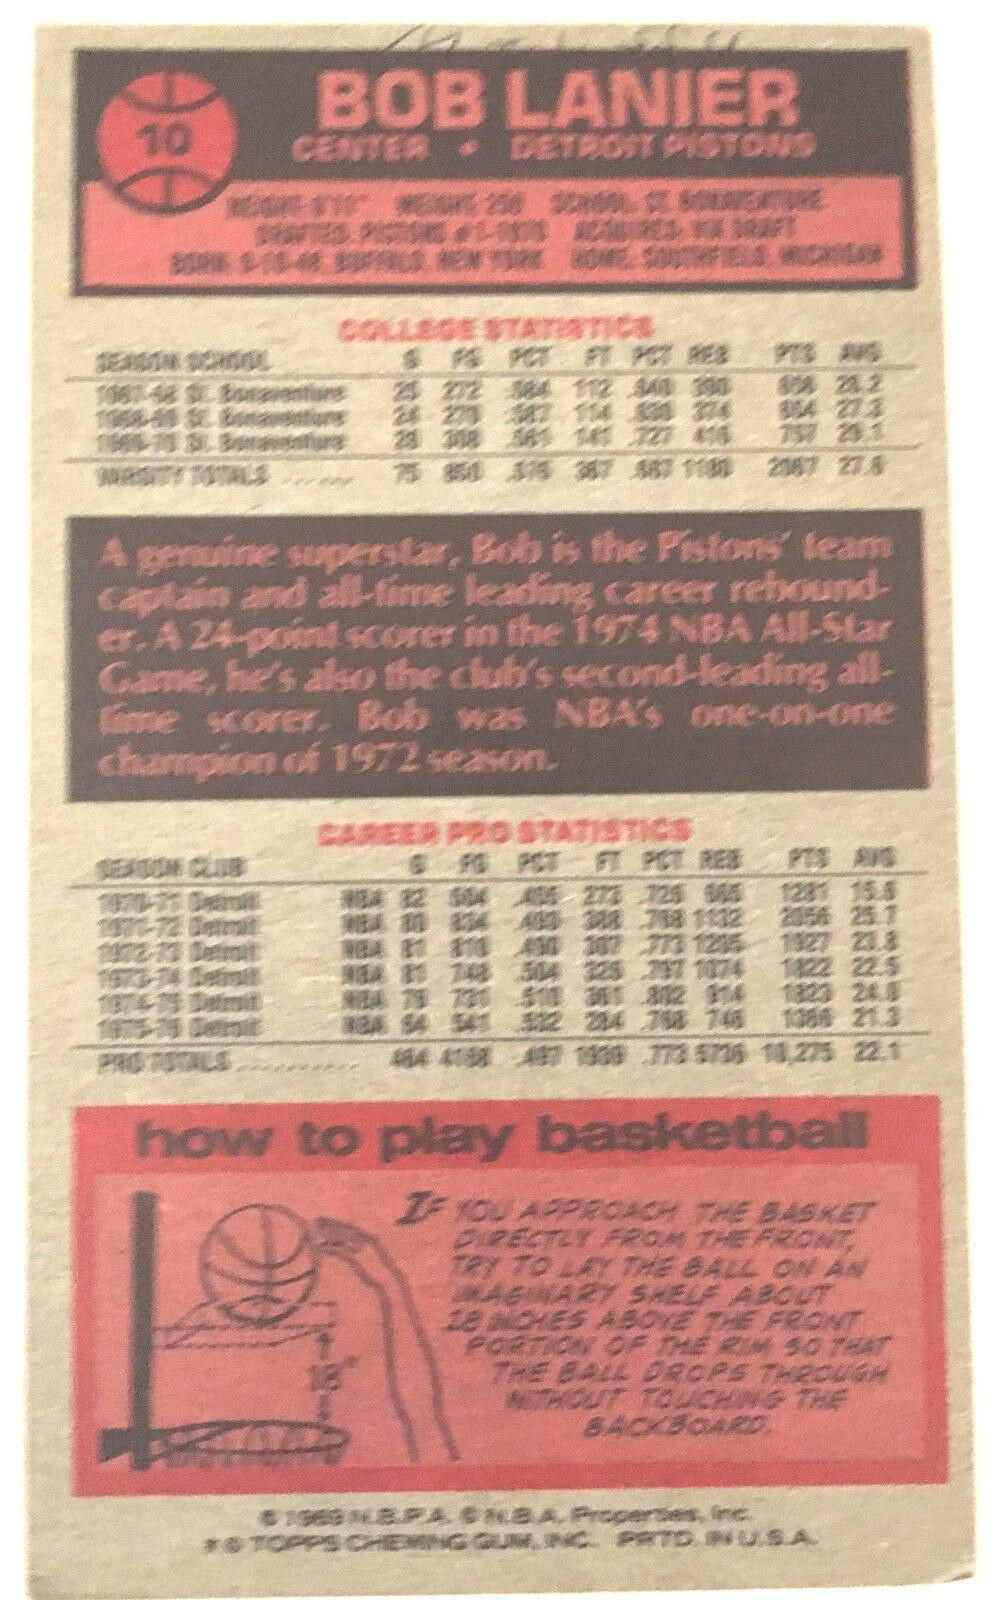 1976-77 BOB LANIER Topps Basketball Card # 10 Detroit Pistons